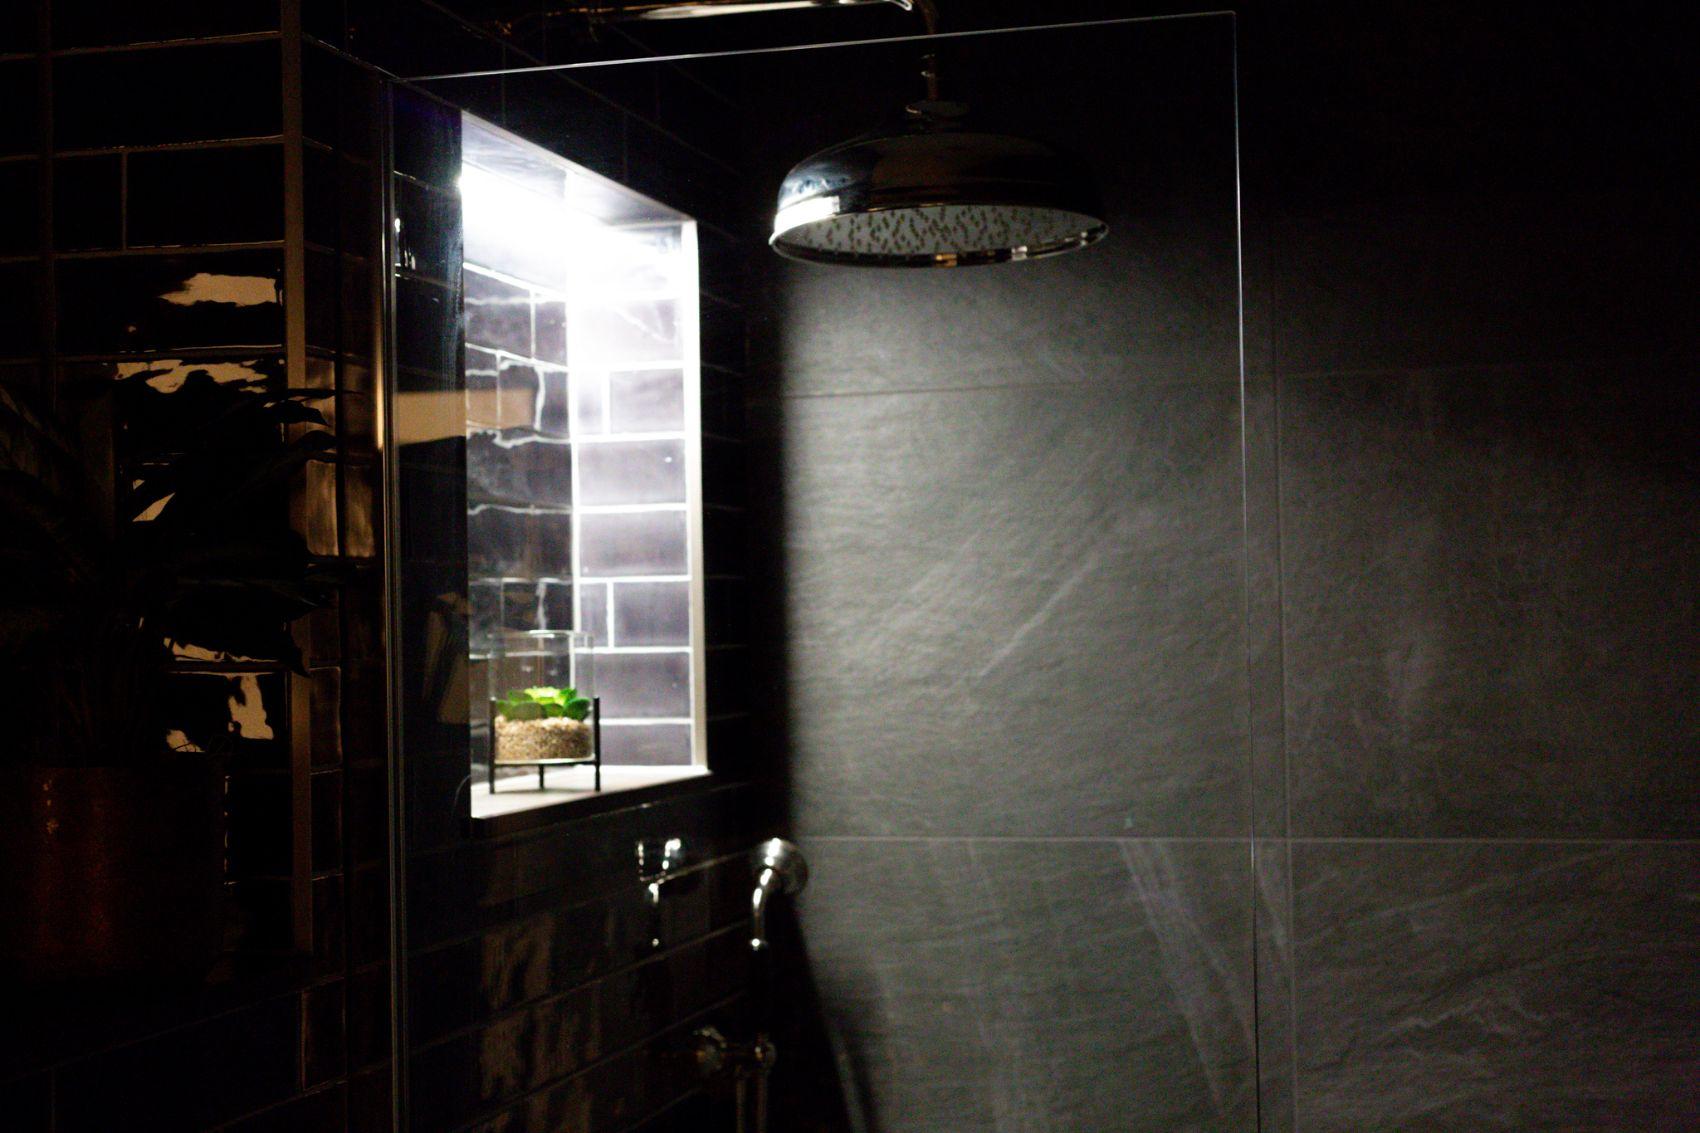 joes bathroom ensuite shower